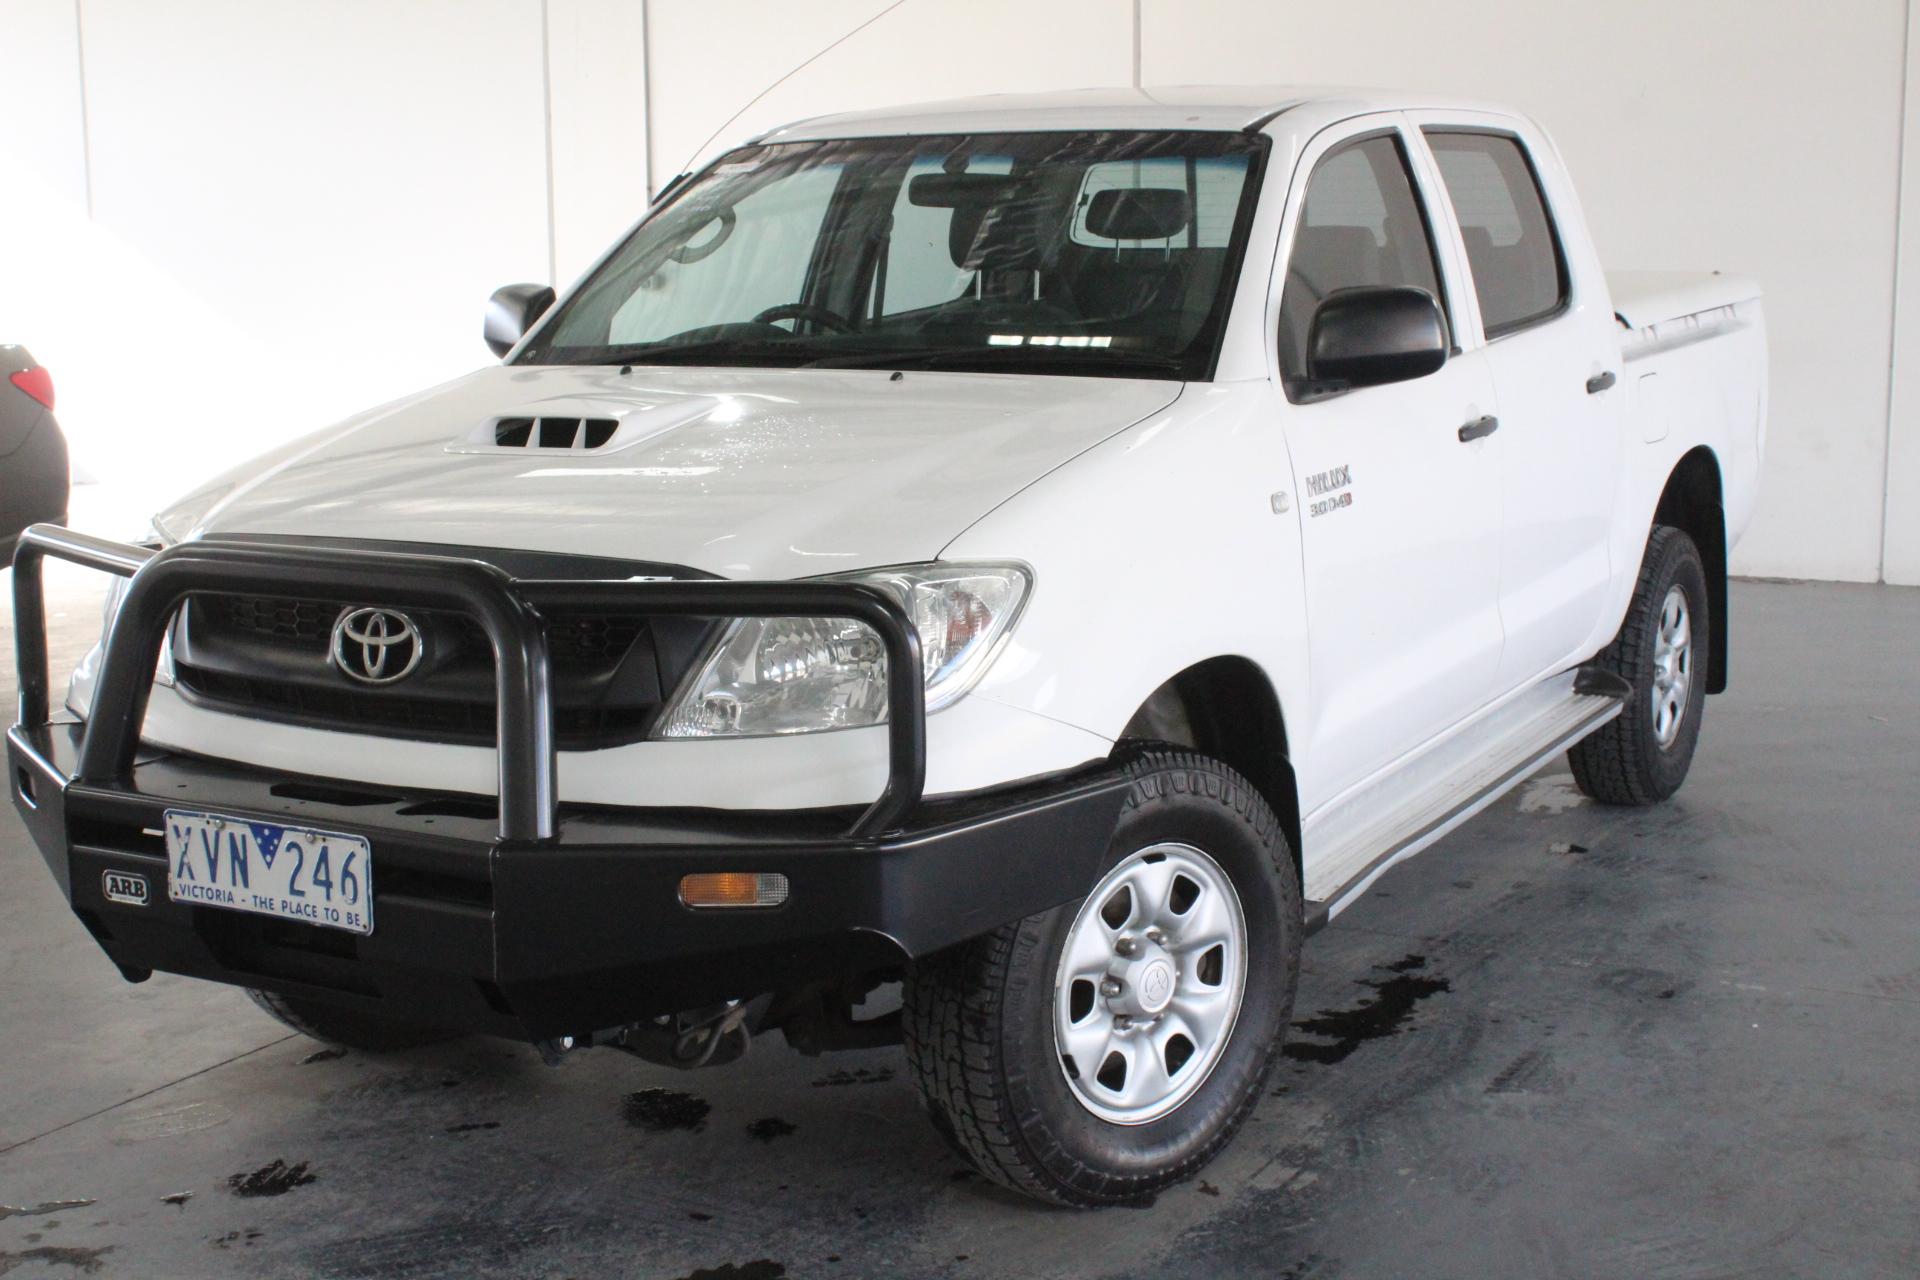 2010 Toyota Hilux SR (4x4) KUN26R Turbo Diesel (RWC issued 01 Jun 20)